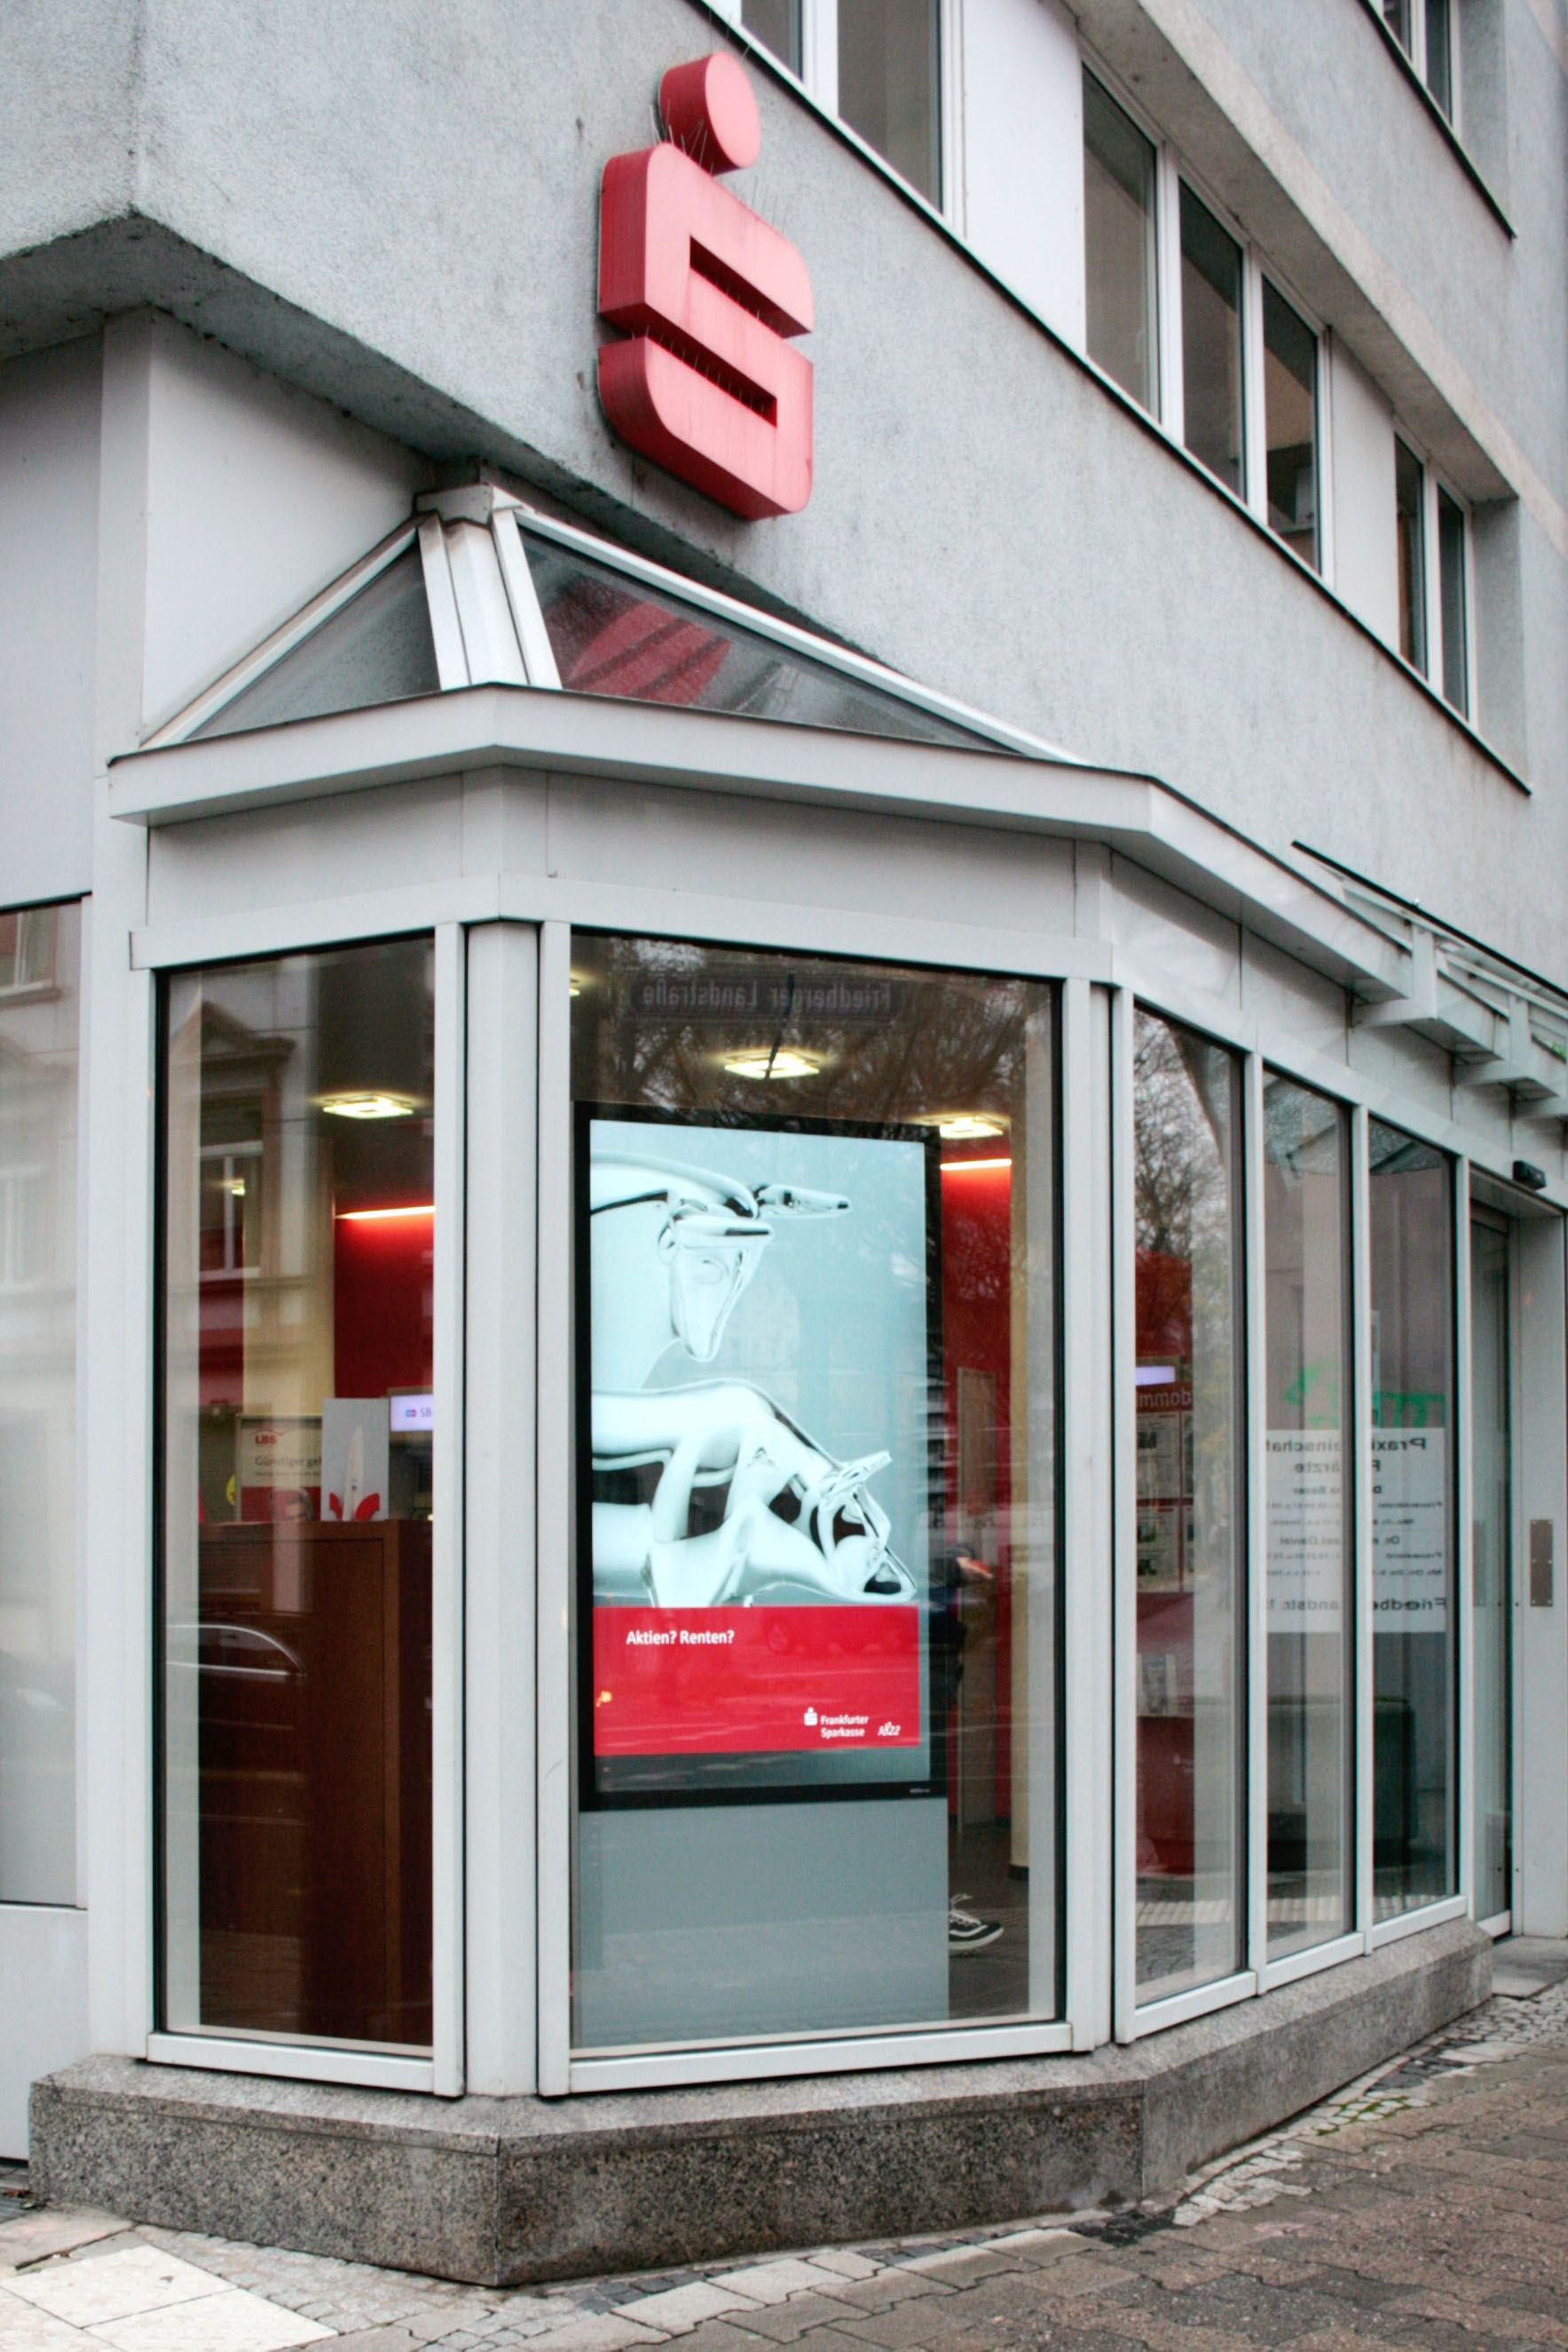 Schaufensterwerbung Digital Signage Nutzung Bei Der Frankfurter Sparkasse Sparkasse Schaufenster Bank